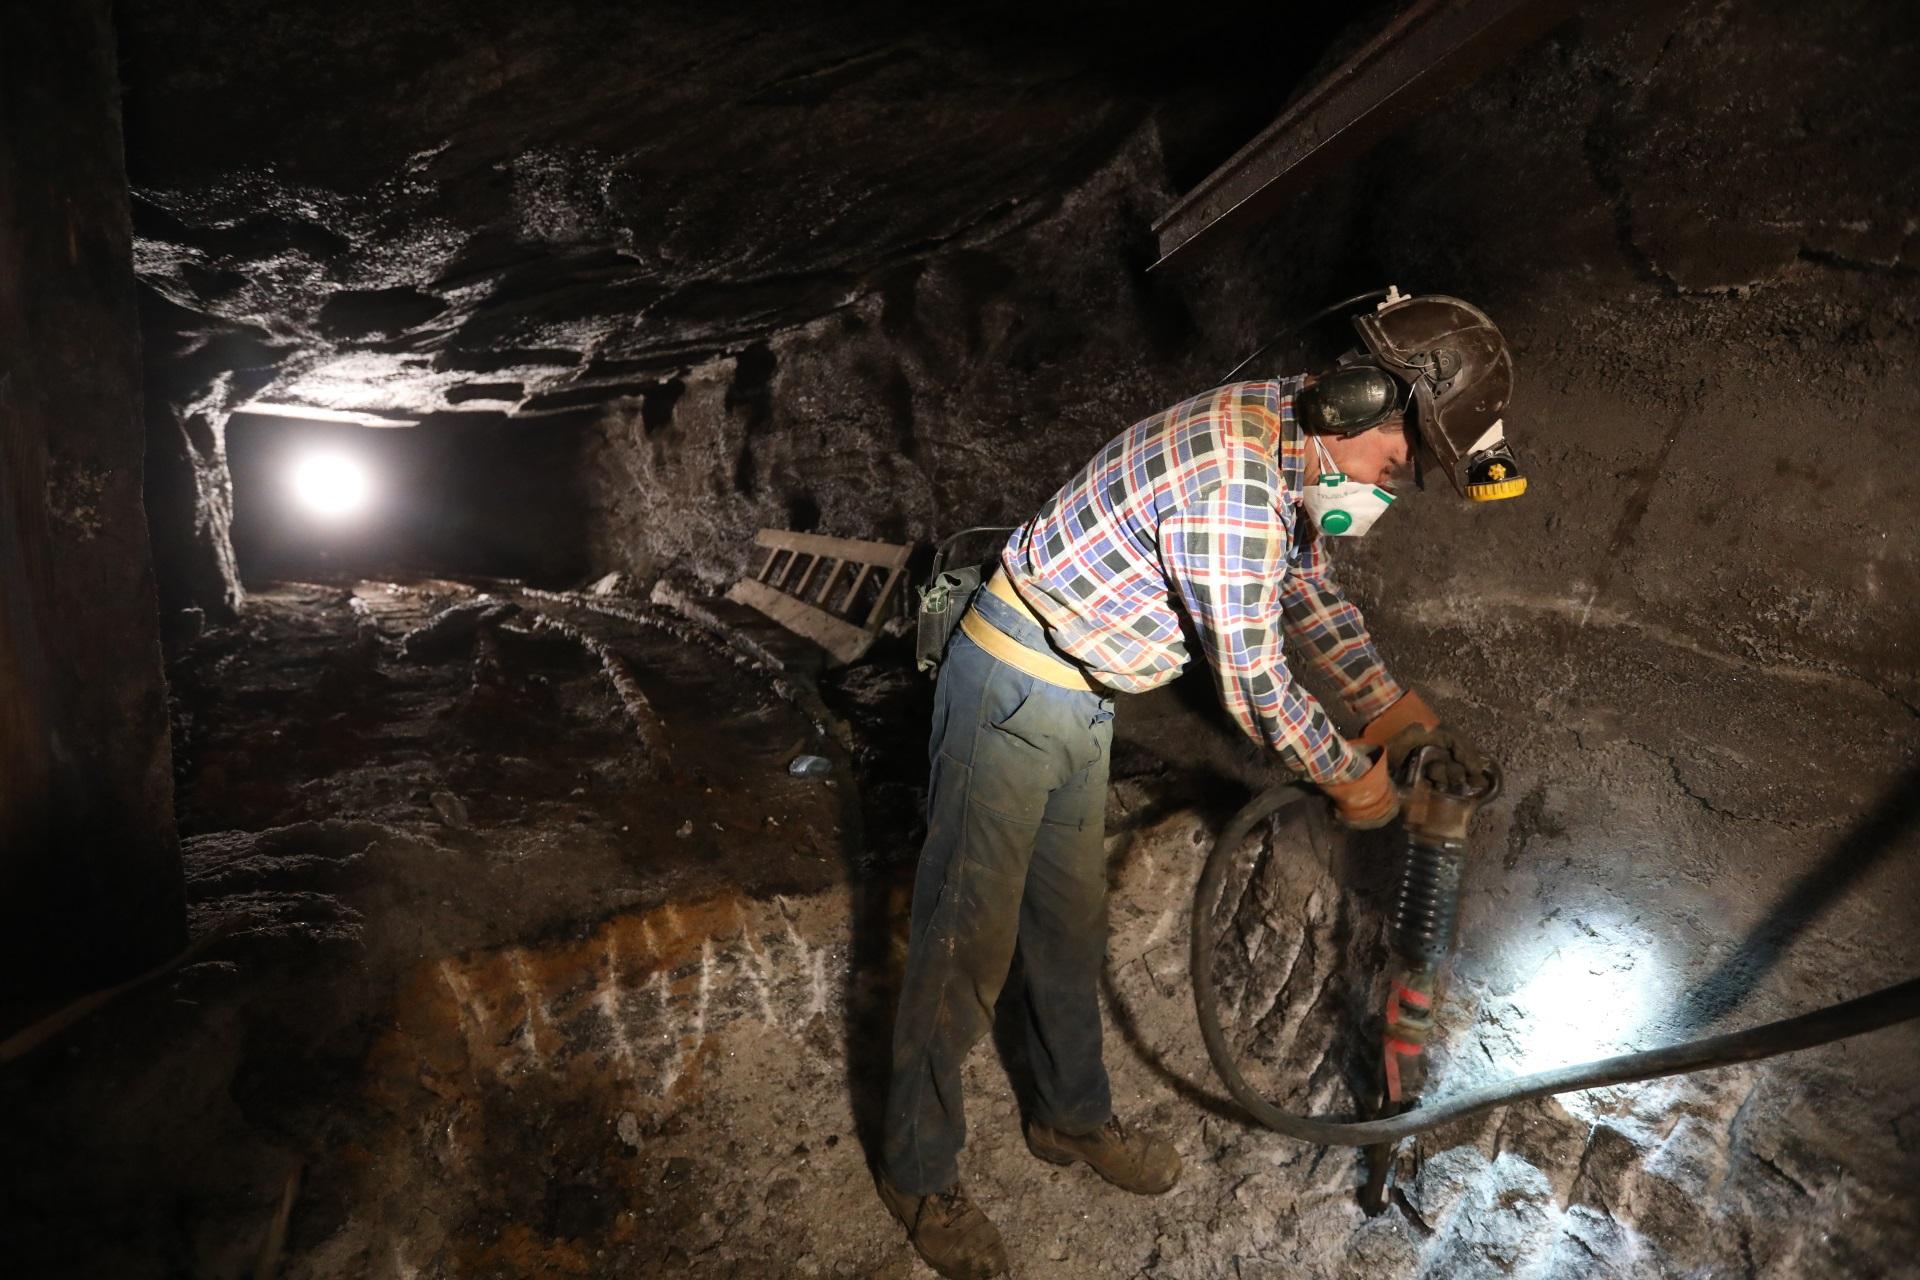 Przebudowa chodnika. Górnik w kraciastej koszuli i brązowym hełmie pracuje młotem pneumatycznym